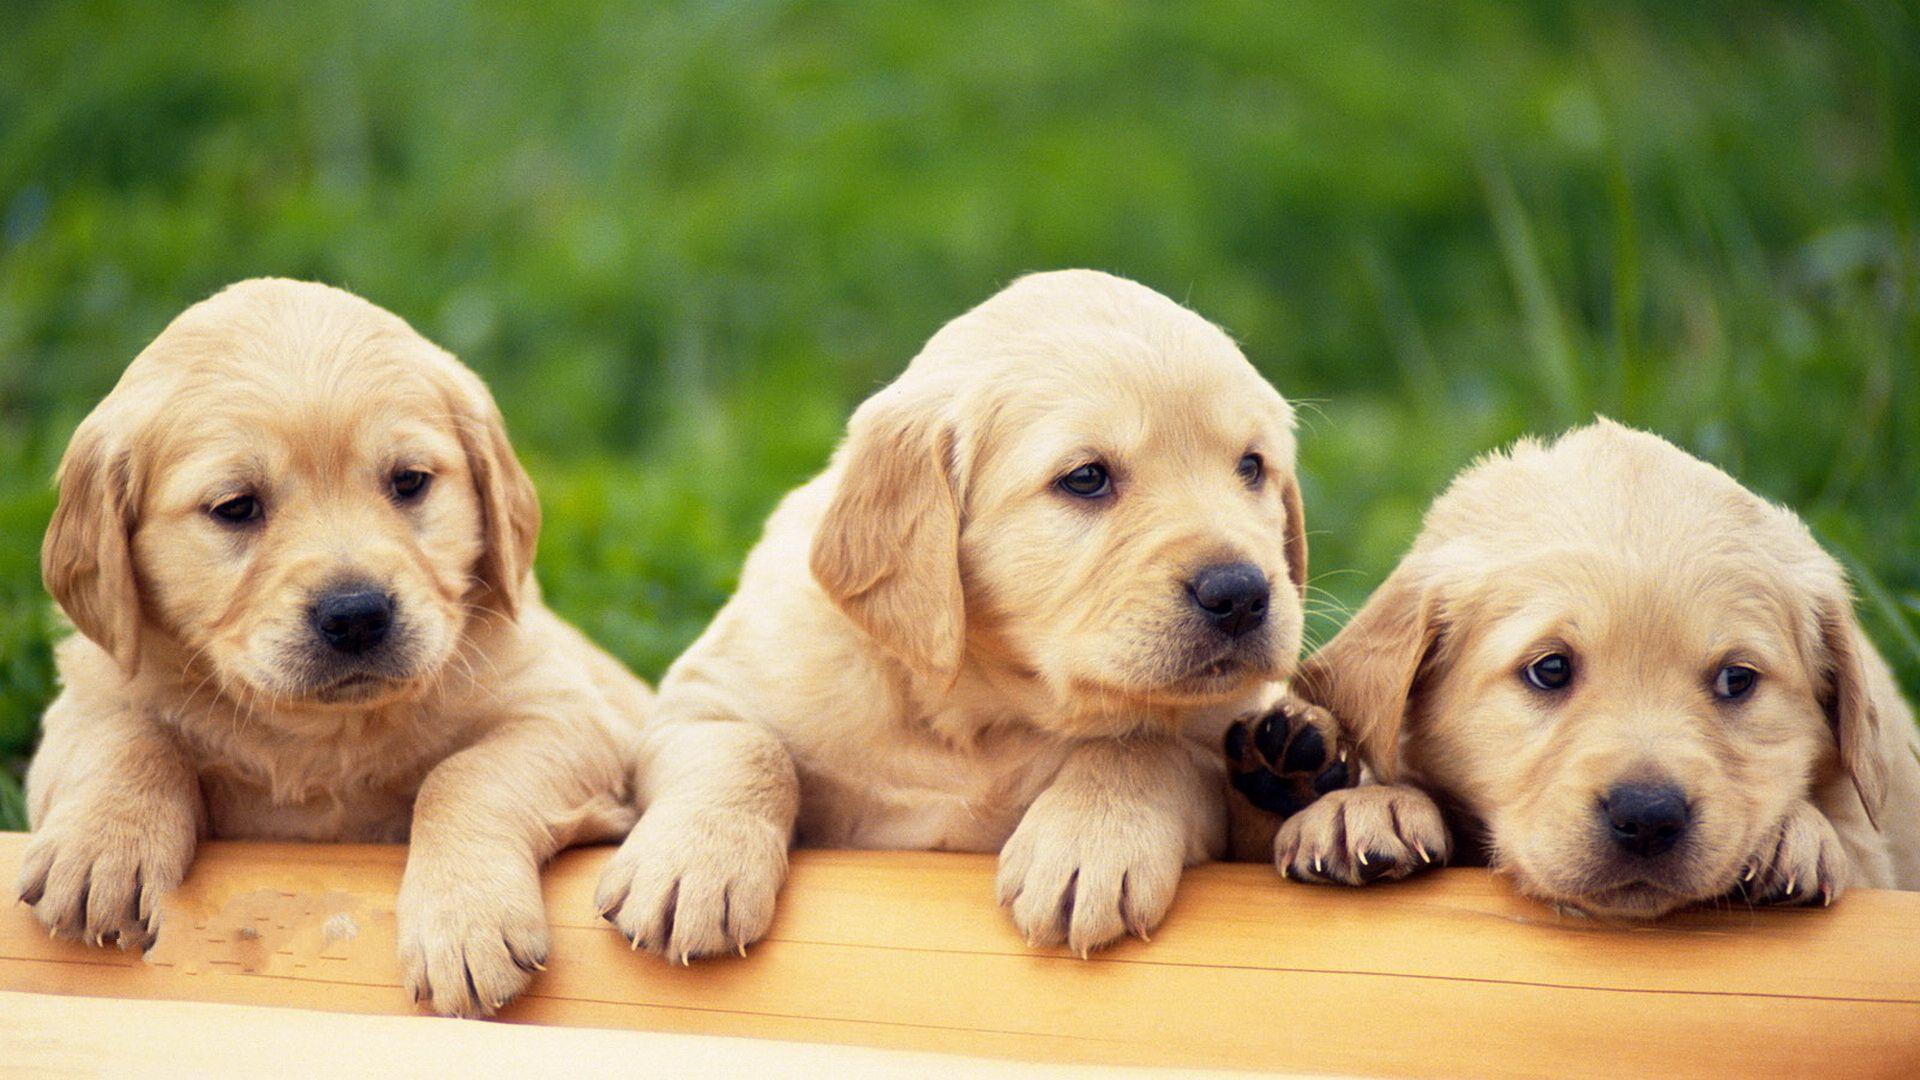 拉布拉多犬纯种狗狗可爱照